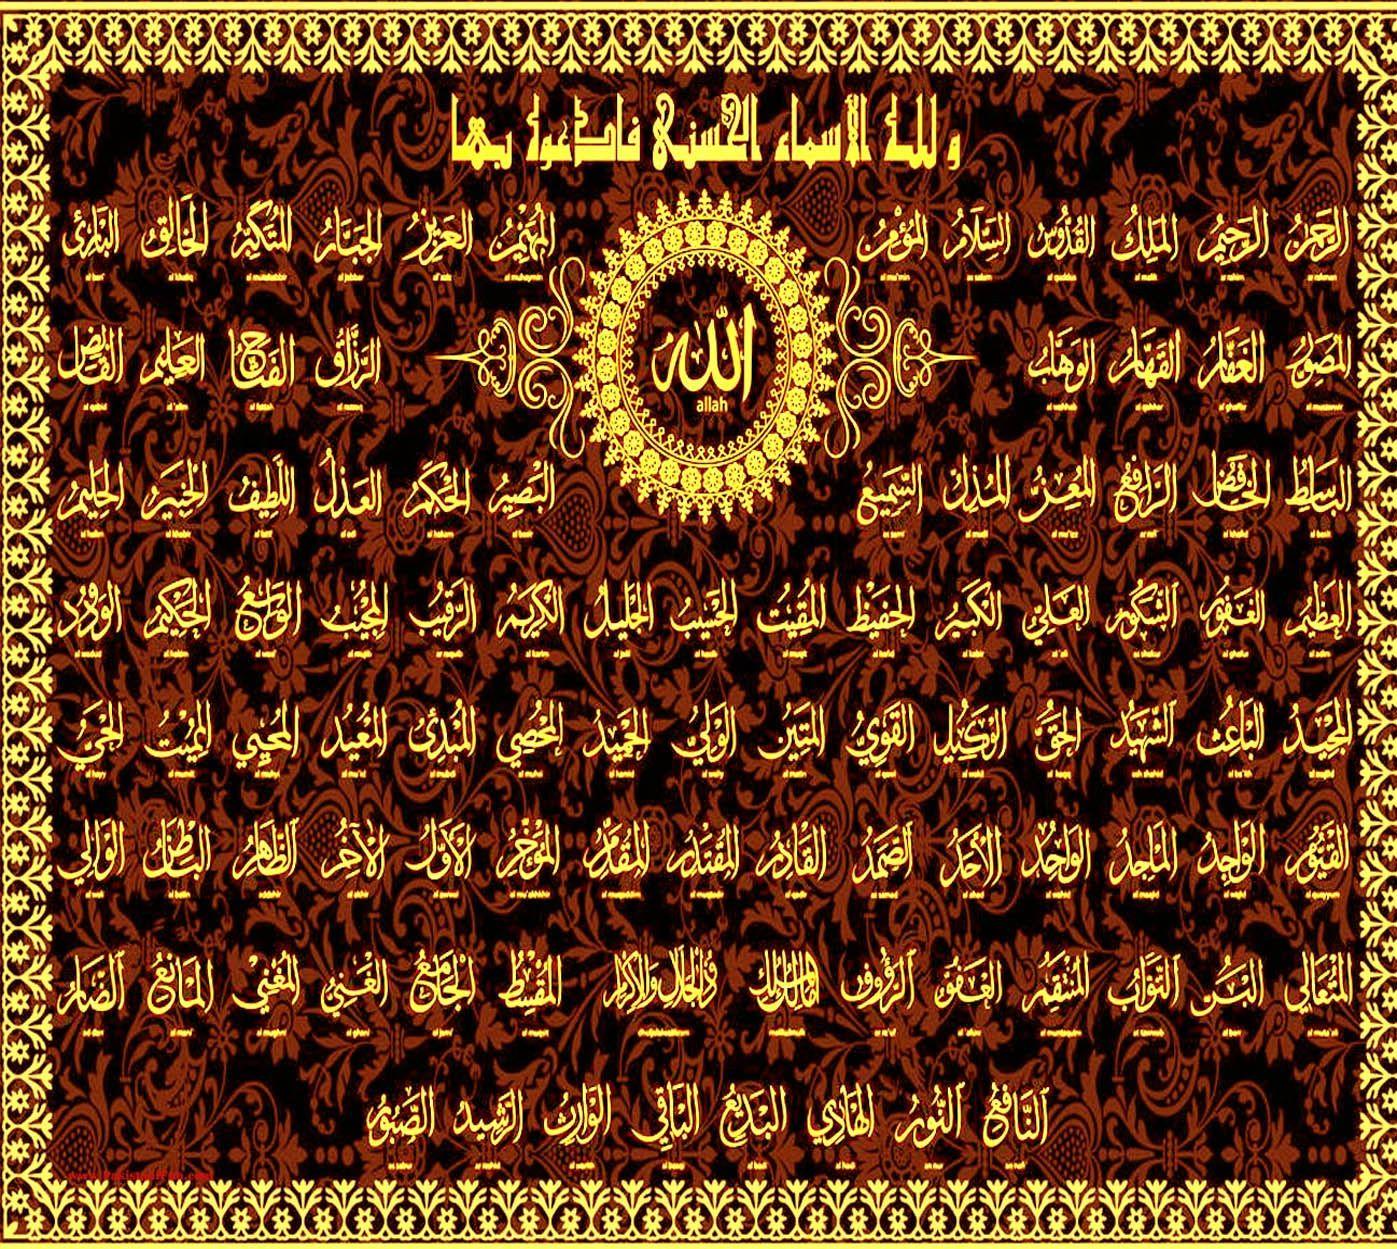 99 names of Allah | Allah, Allah wallpaper, Allah names